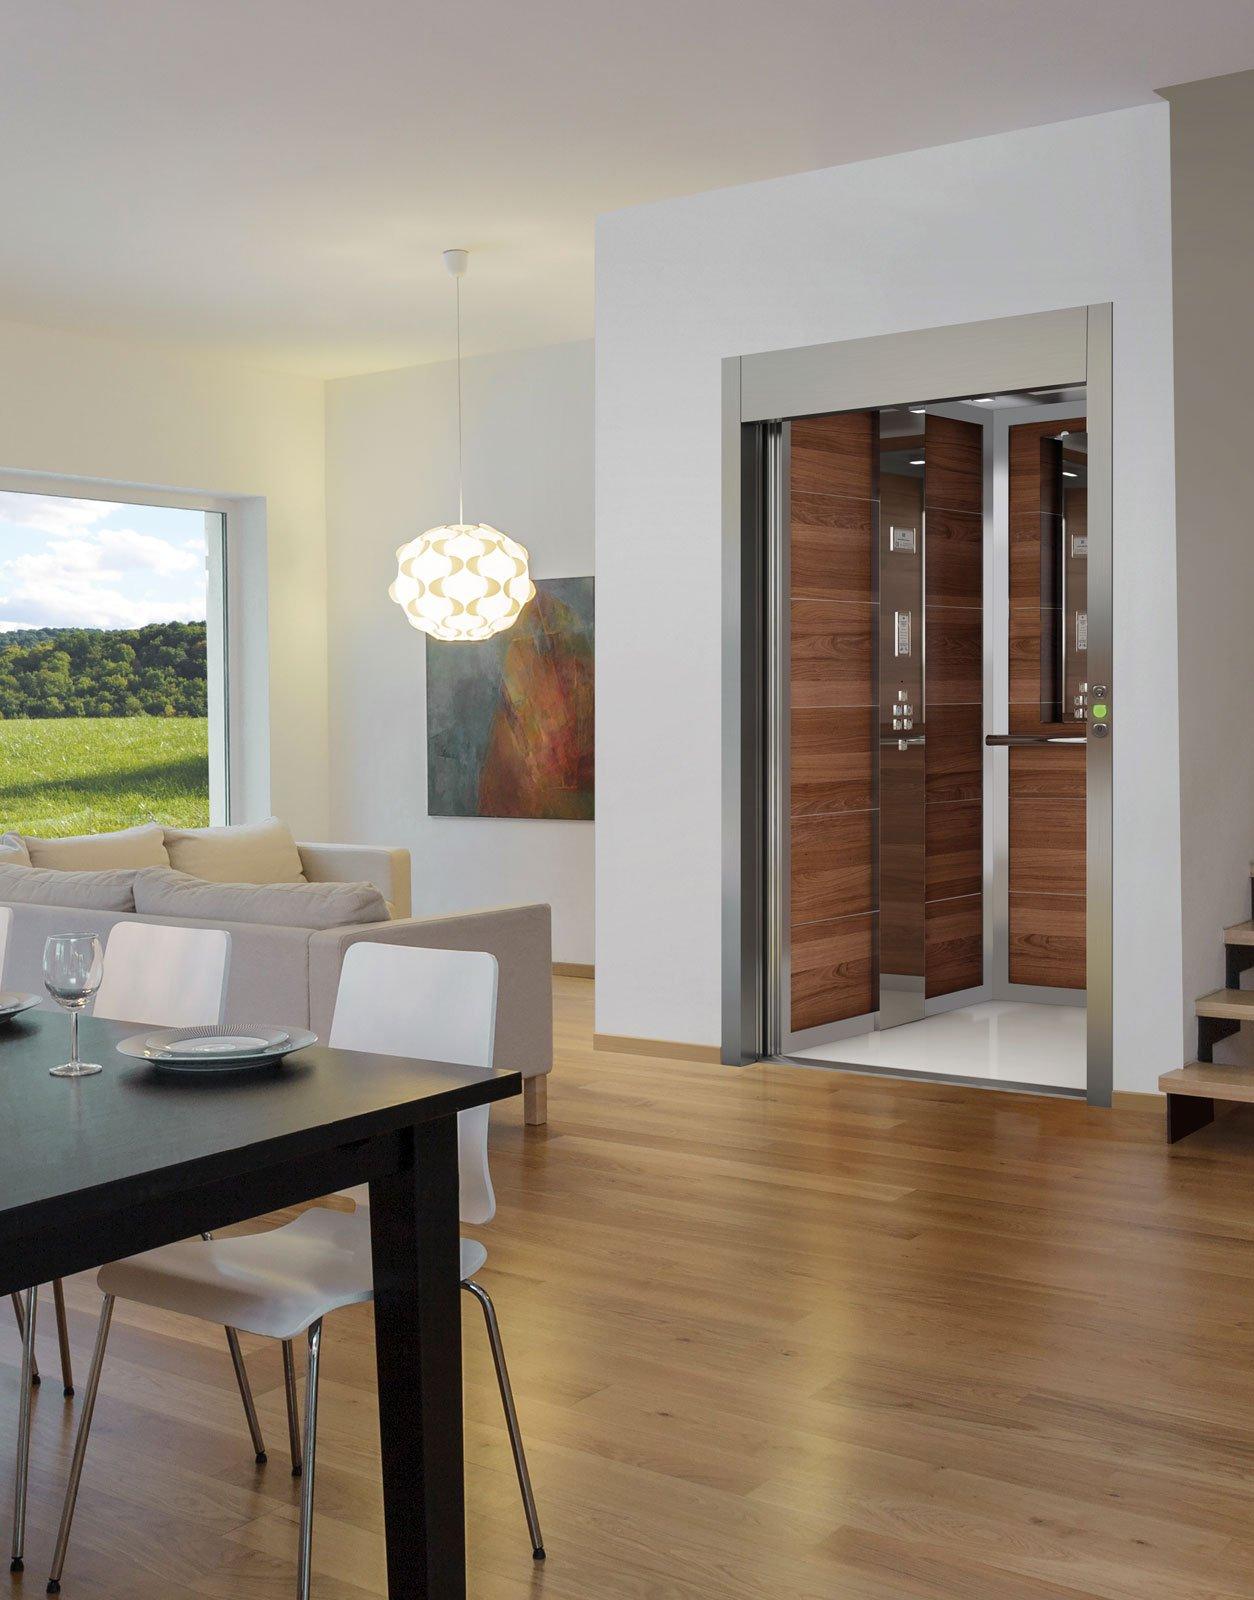 Mini ascensori e montascale in casa funzionali e di design cose di casa - Mini ascensori da interno ...